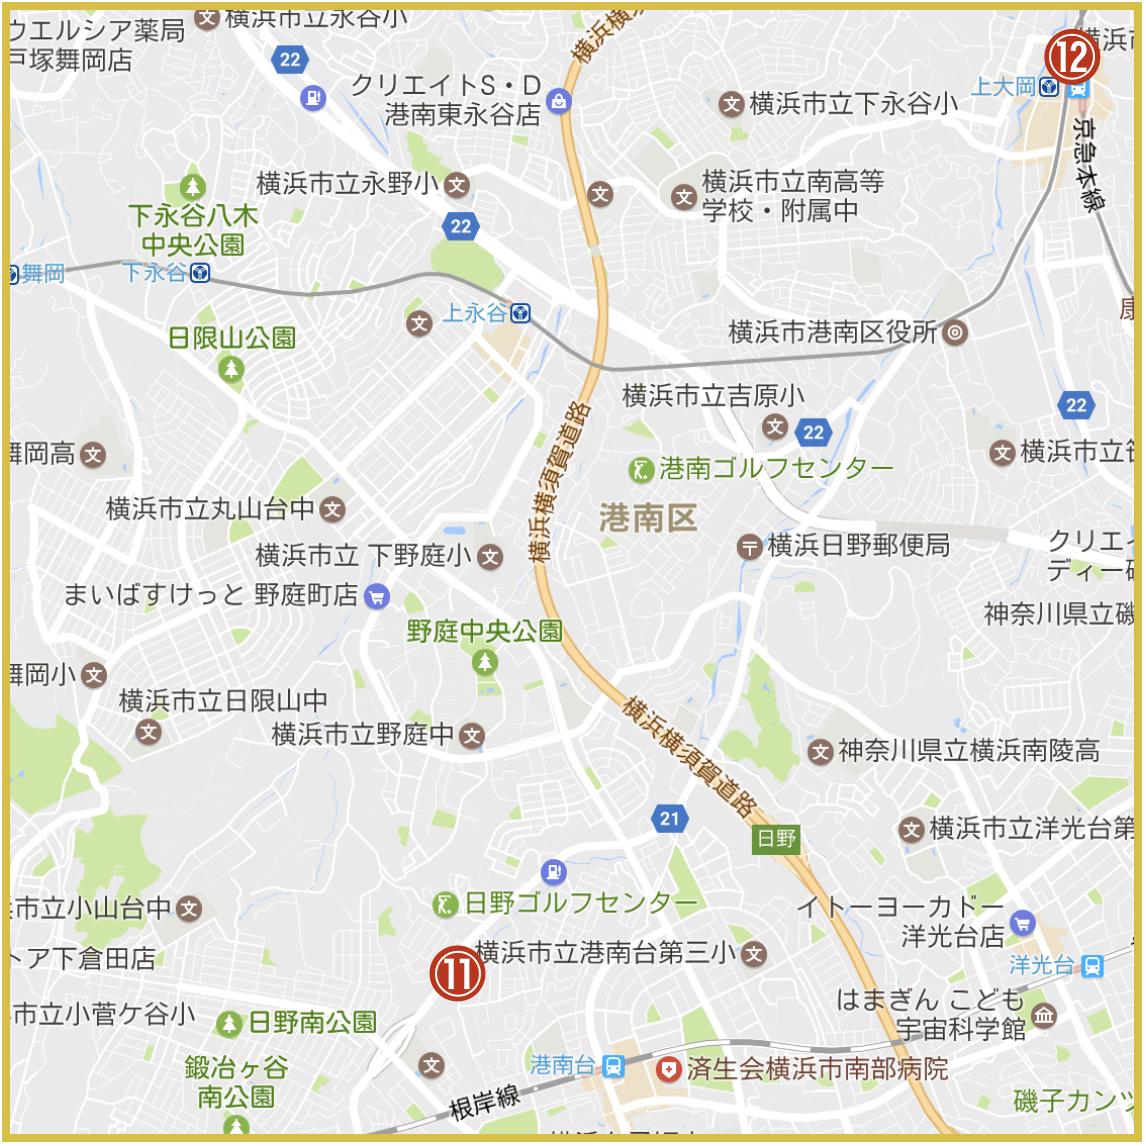 横浜市港南区にあるプロミス店舗・ATMの位置(2019年12月版)